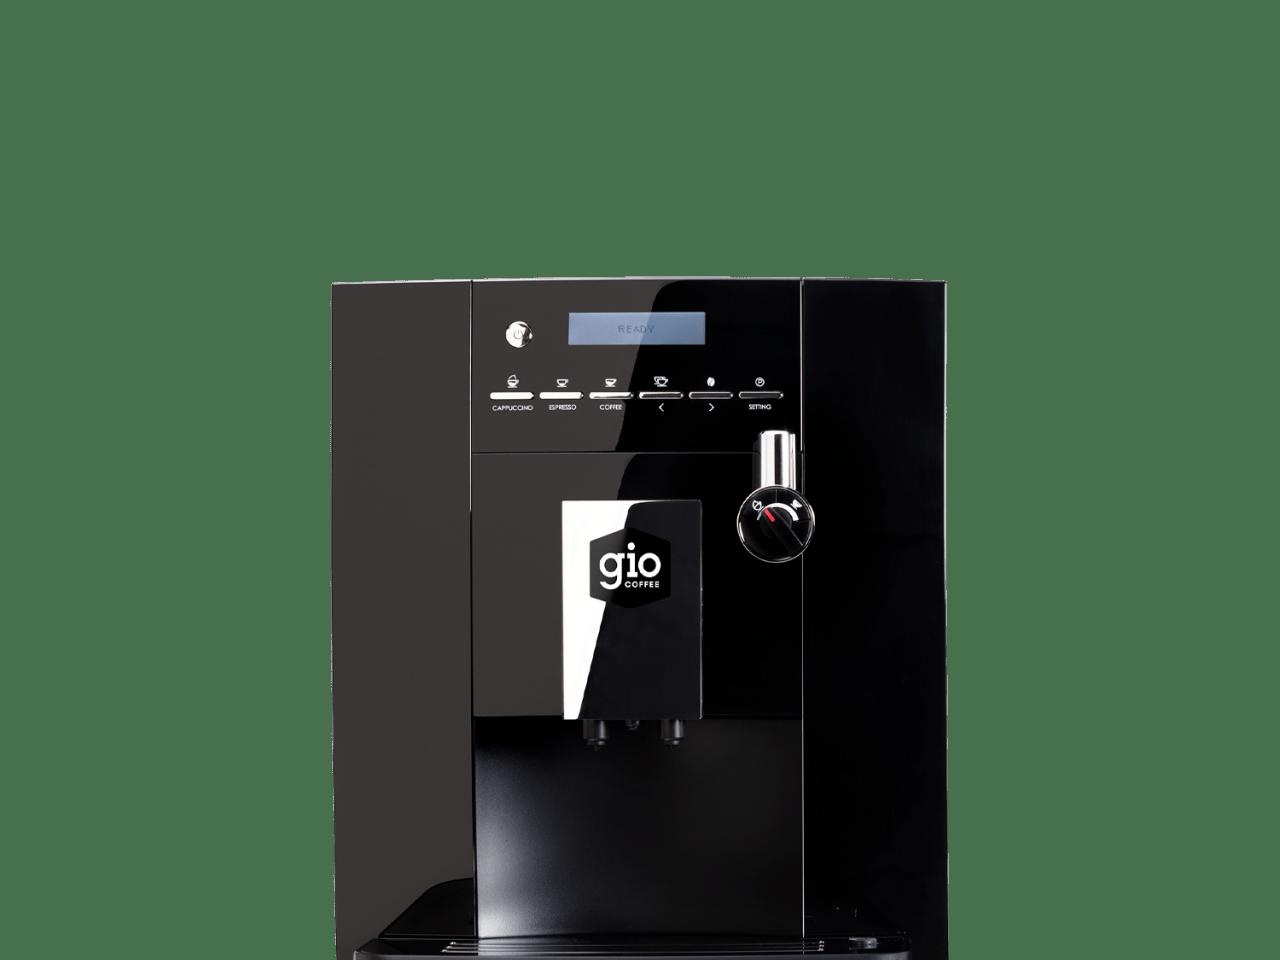 Baristi 25 koffiemachine koop verse melk